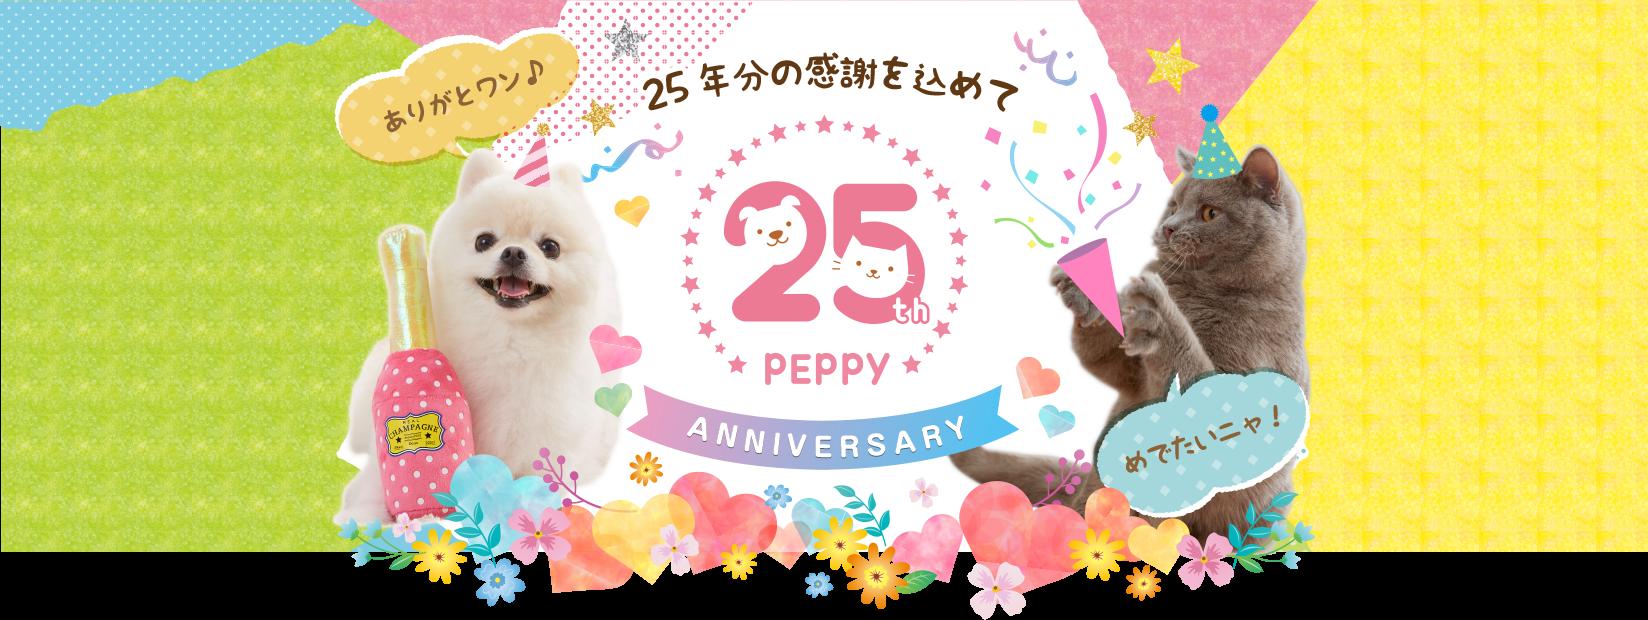 ペピイ25周年記念